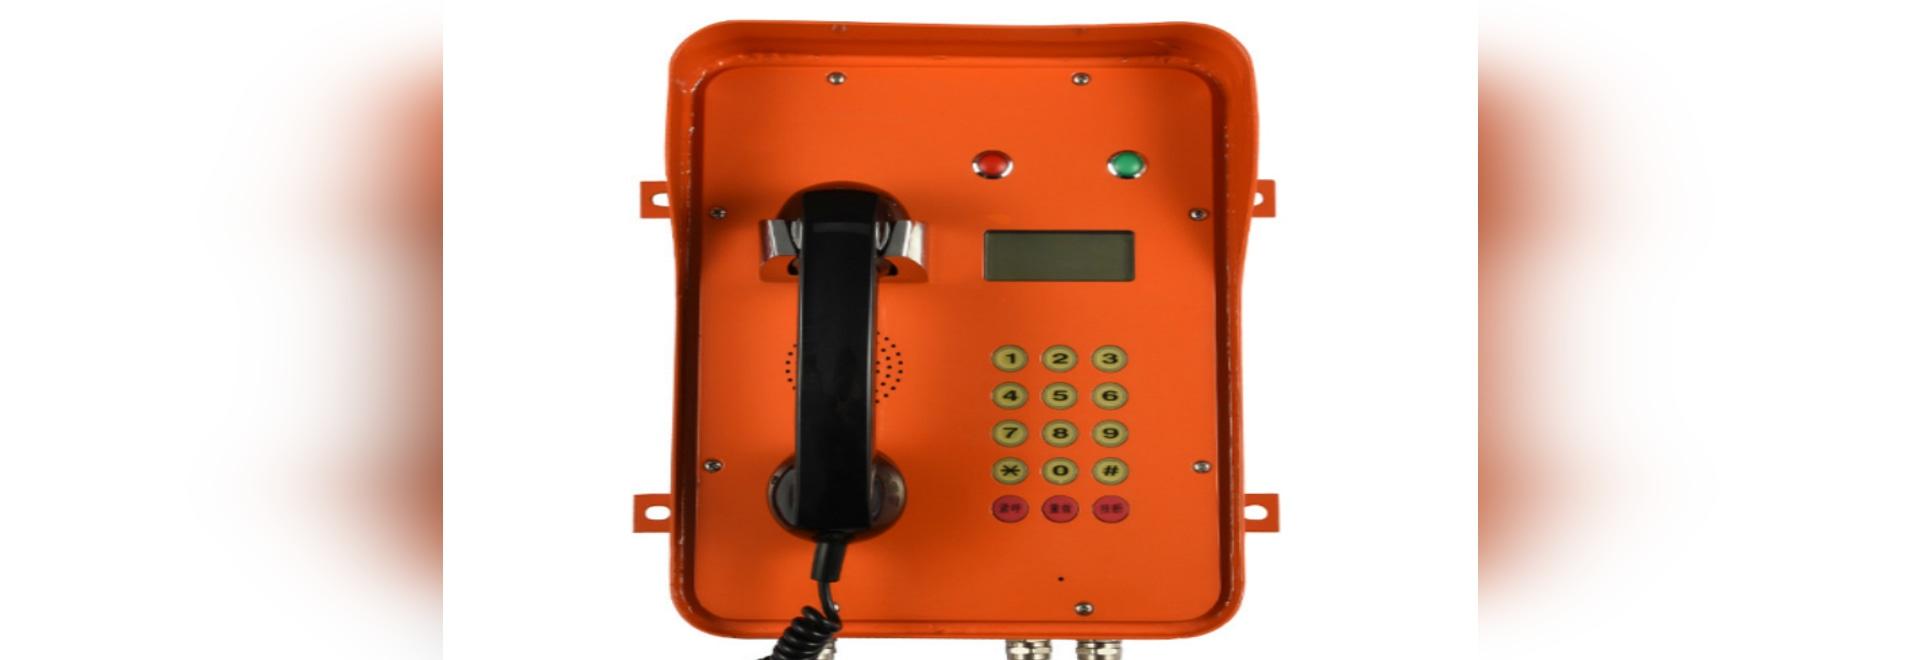 Introducción del robusto teléfono industrial de Joiwo con pantalla LCD